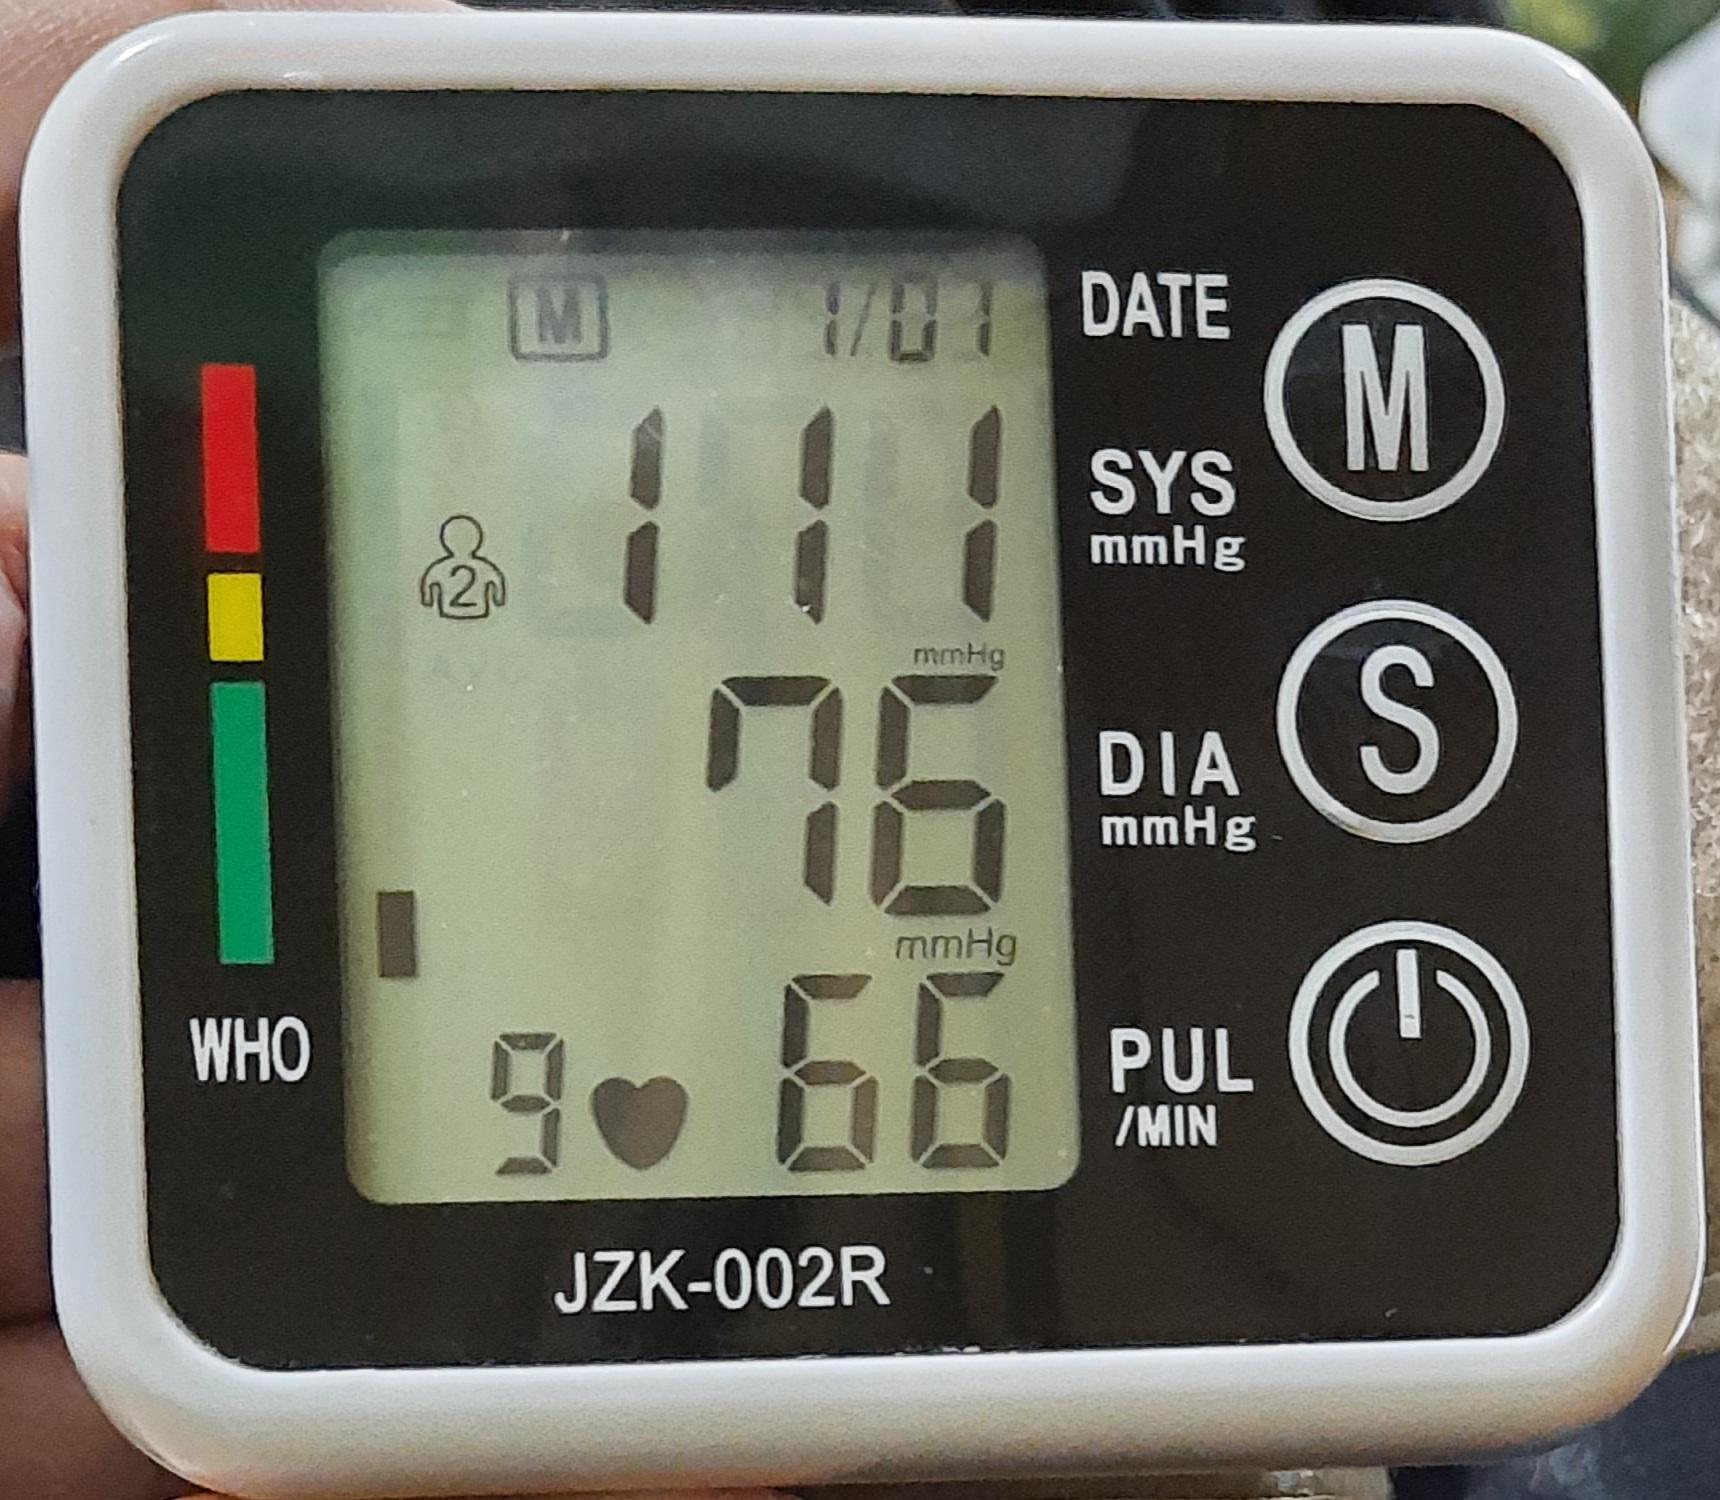 Tensi Darah Normal, Tapi Gejala Serangan Jantung (Angina Pectoris)